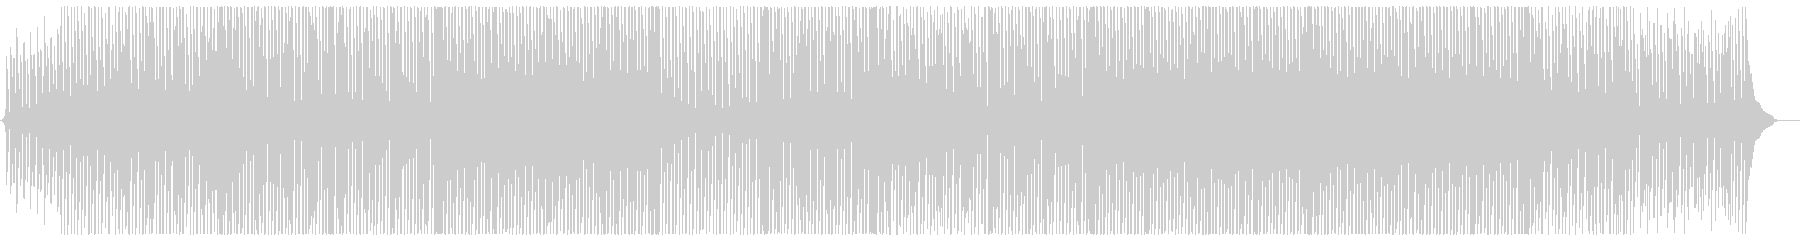 アップテンポなコンセプトムービー風の未再生の波形